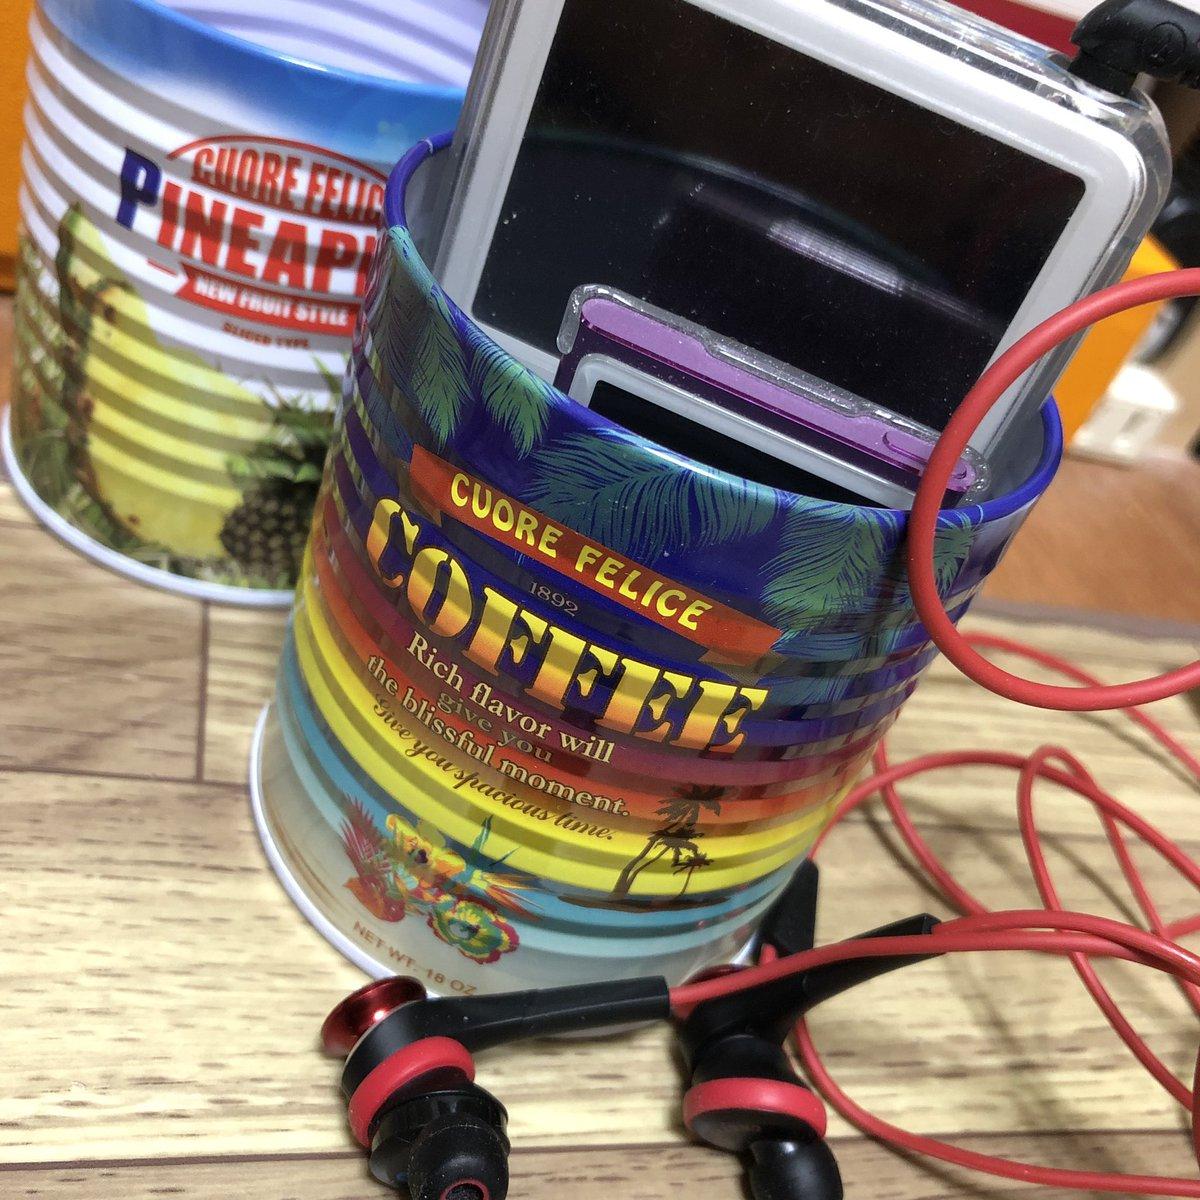 test ツイッターメディア - DAISOで、こんな可愛い缶を発見。iPod立てるのにジャストサイズ!あ、今のiPodは無理よ。古ーいやつだから入ったのよ笑 #ダイソー  #コーヒー https://t.co/MmaGGCe3GZ